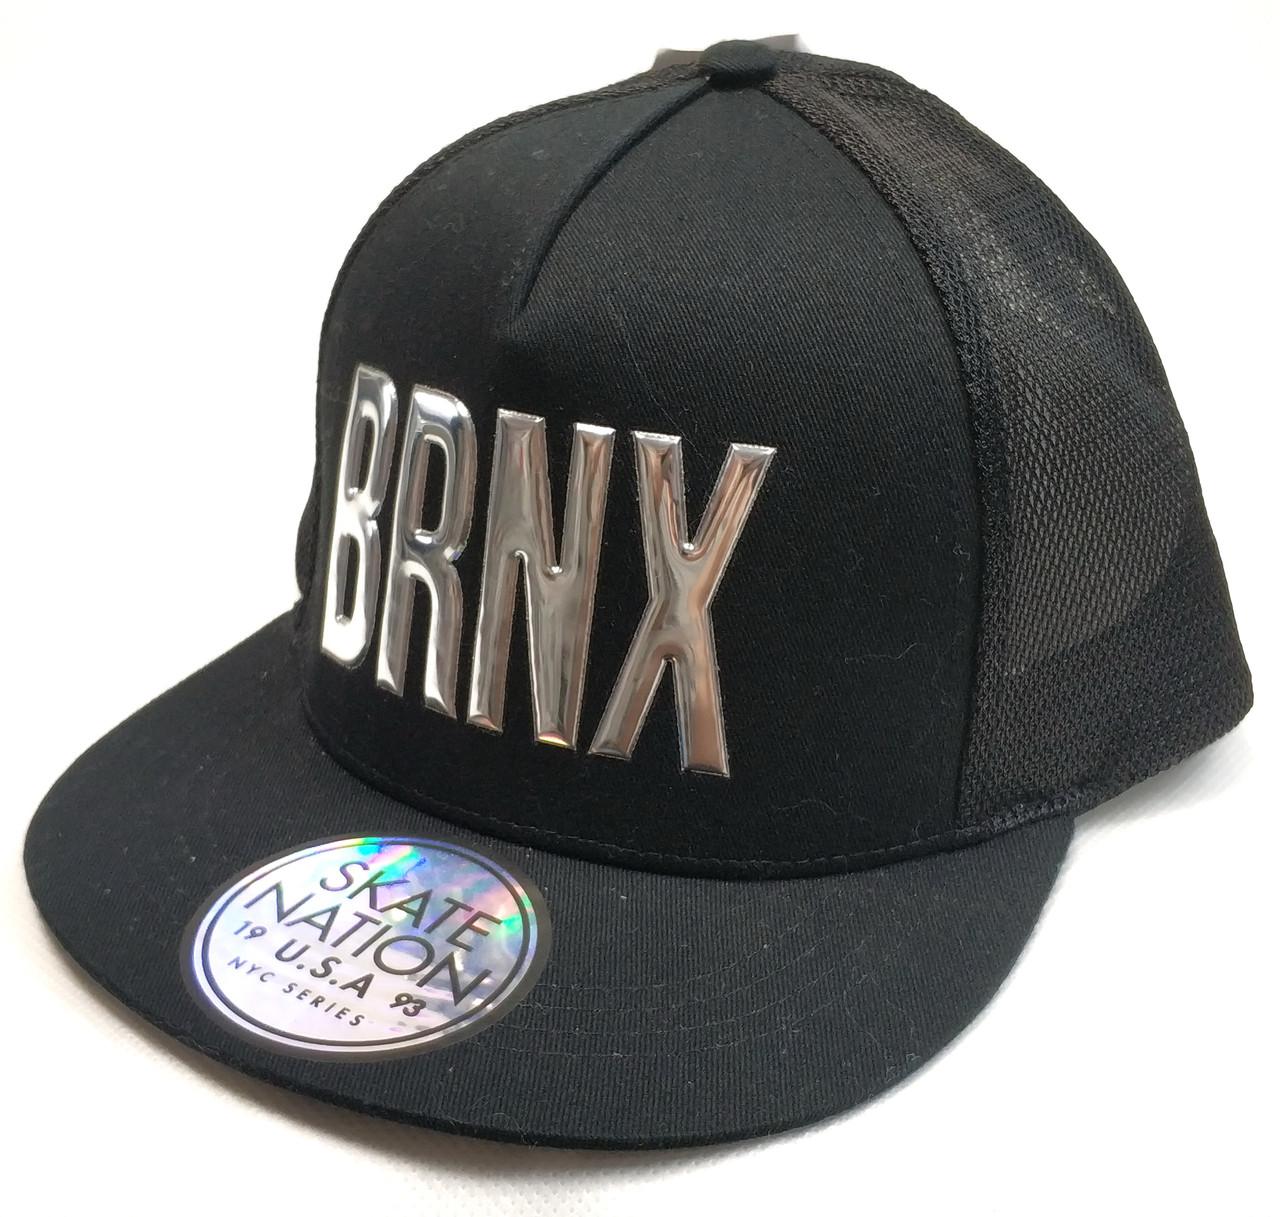 Детская летняя кепка бейсболка для мальчика бренд c&a 13-16 лет